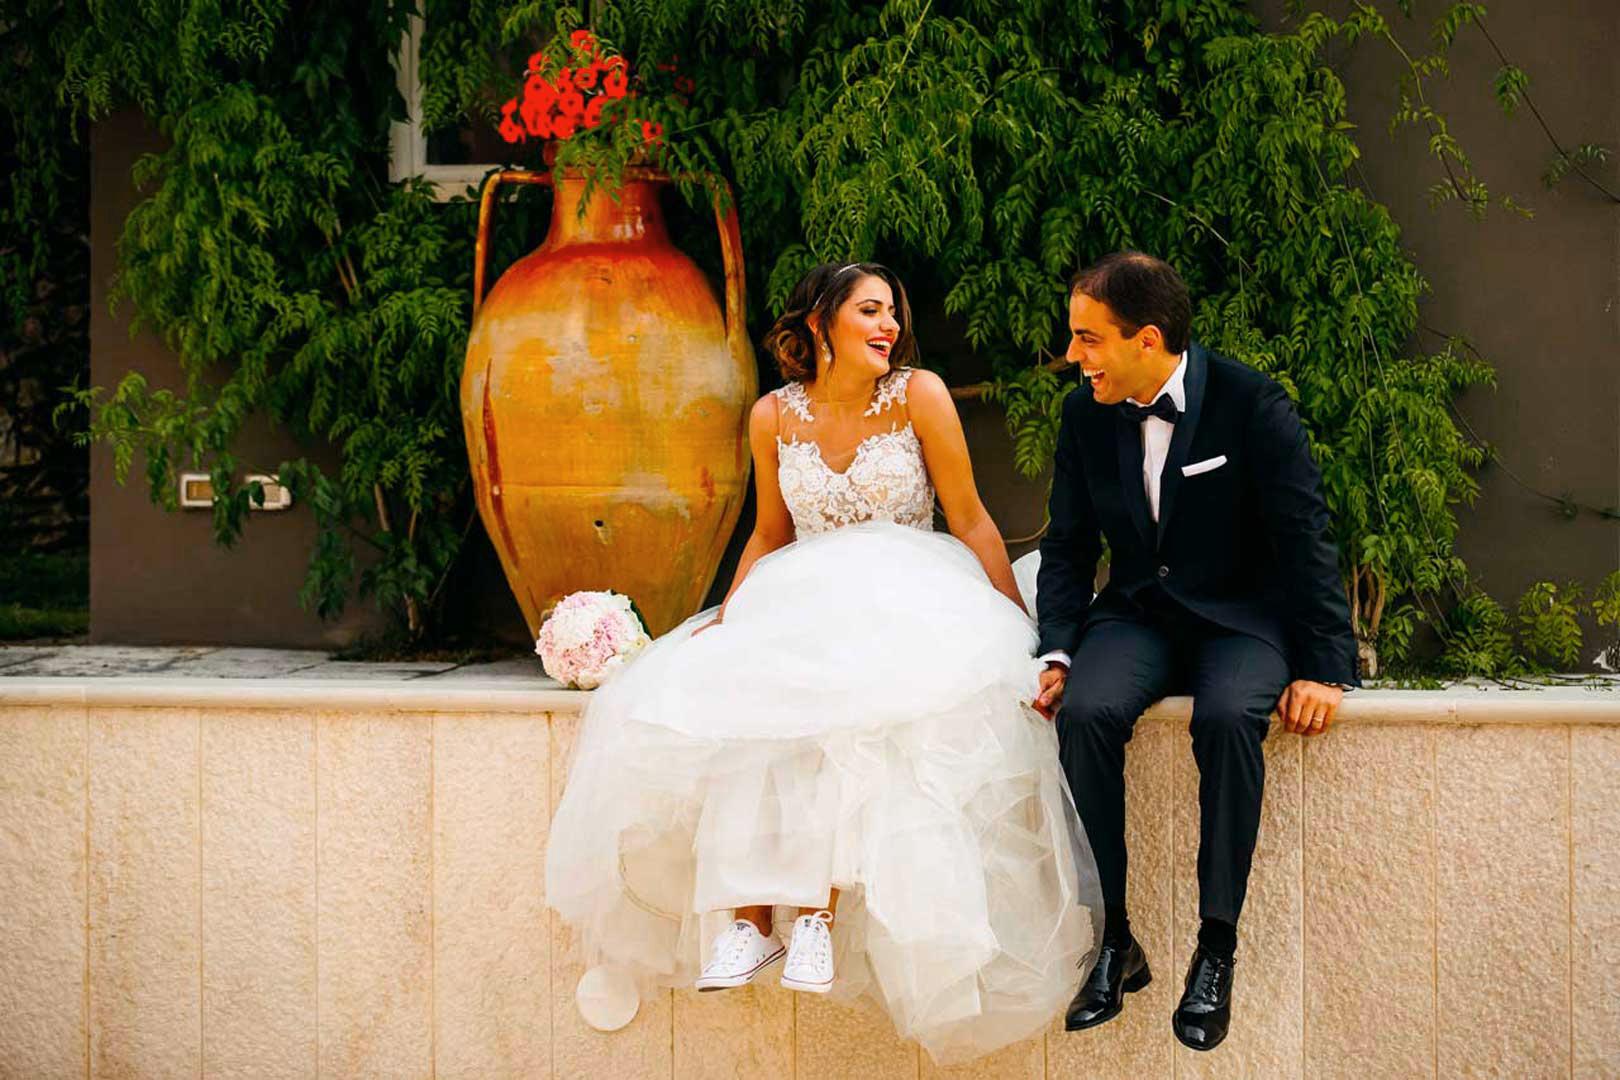 034-coppia-sposi-matrimonio-italiano-gianni-lepore